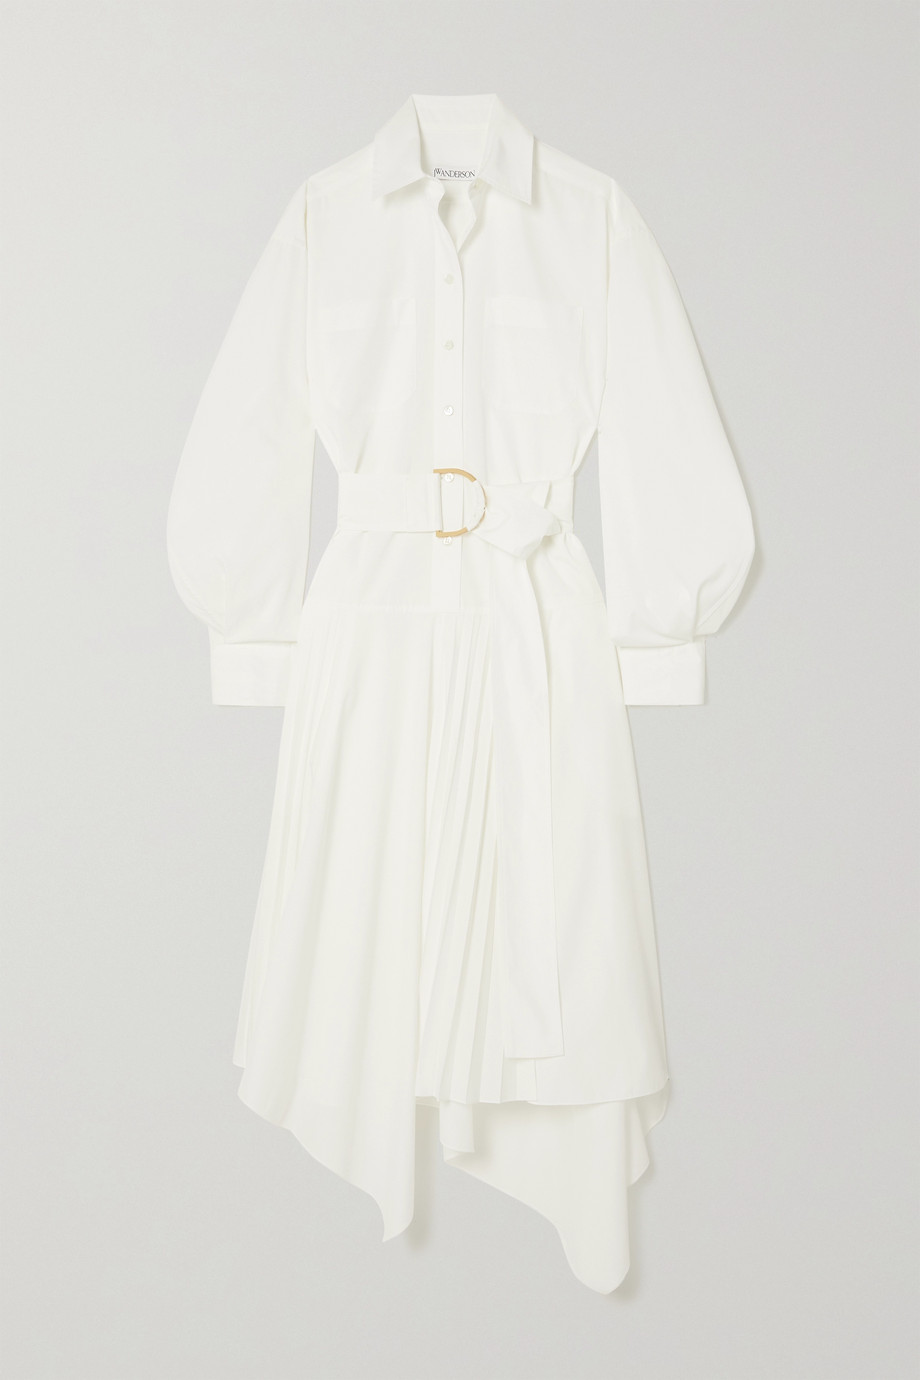 JW Anderson Asymmetric belted poplin shirt dress